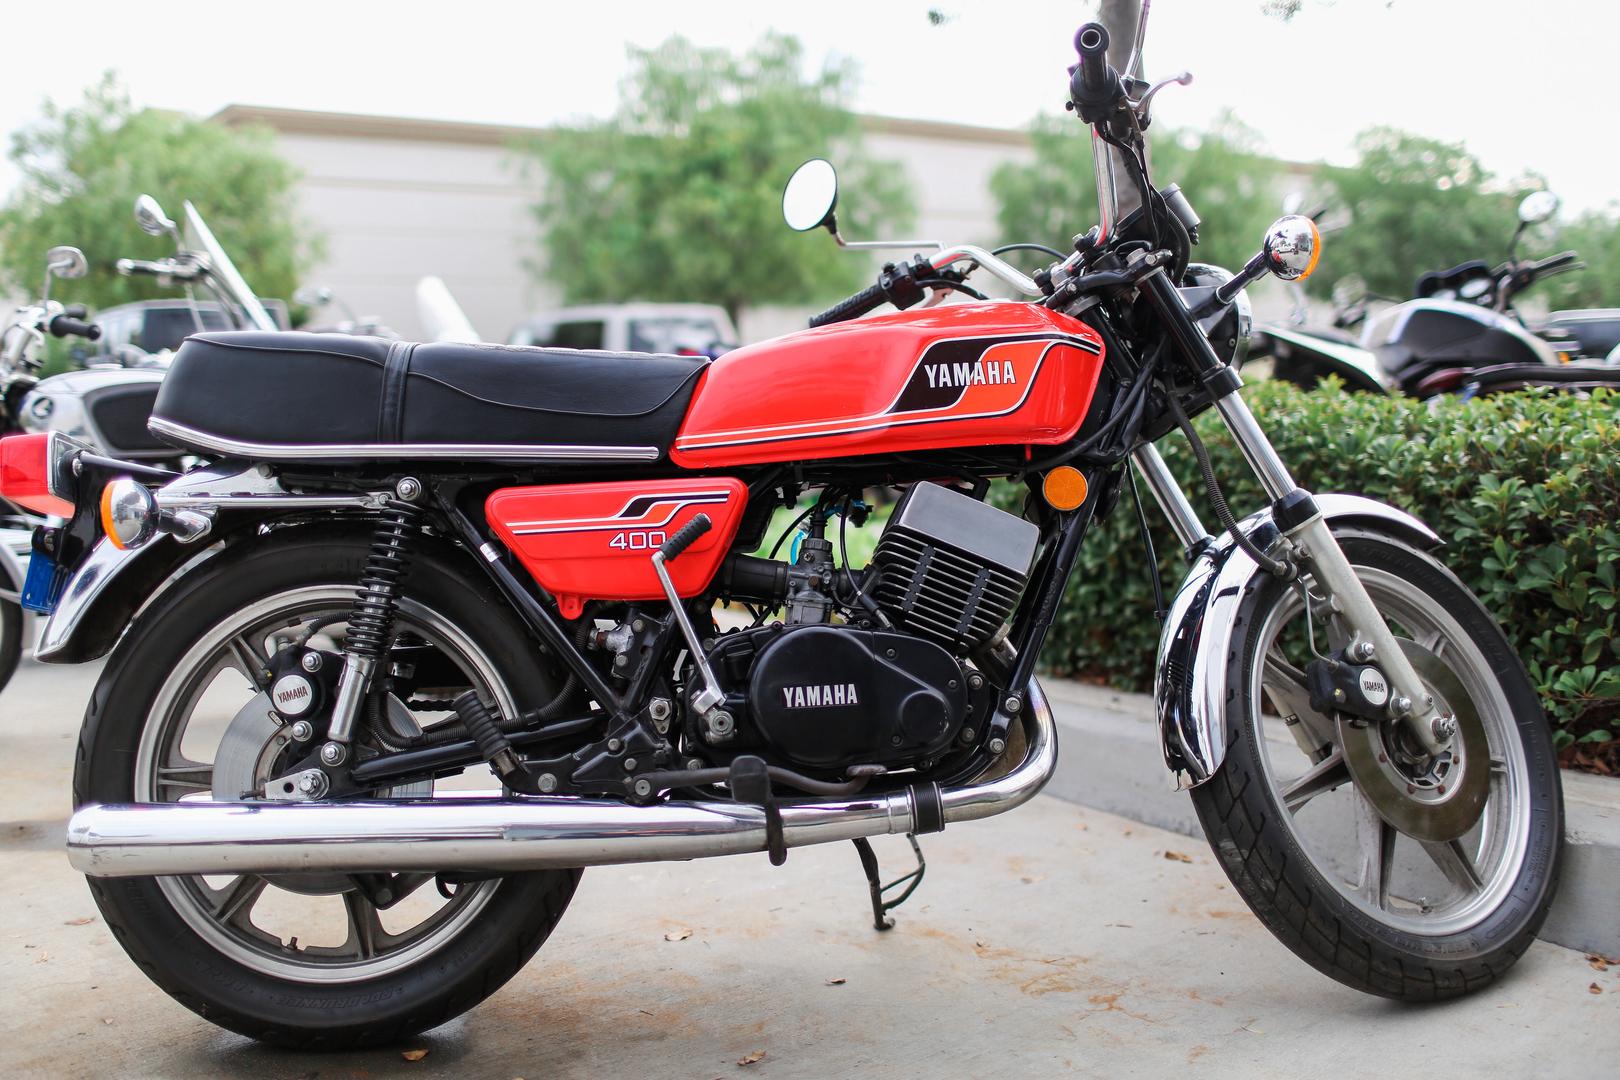 Arney S Motorcycle Garage Motorcycle Repair Motorcycle Service